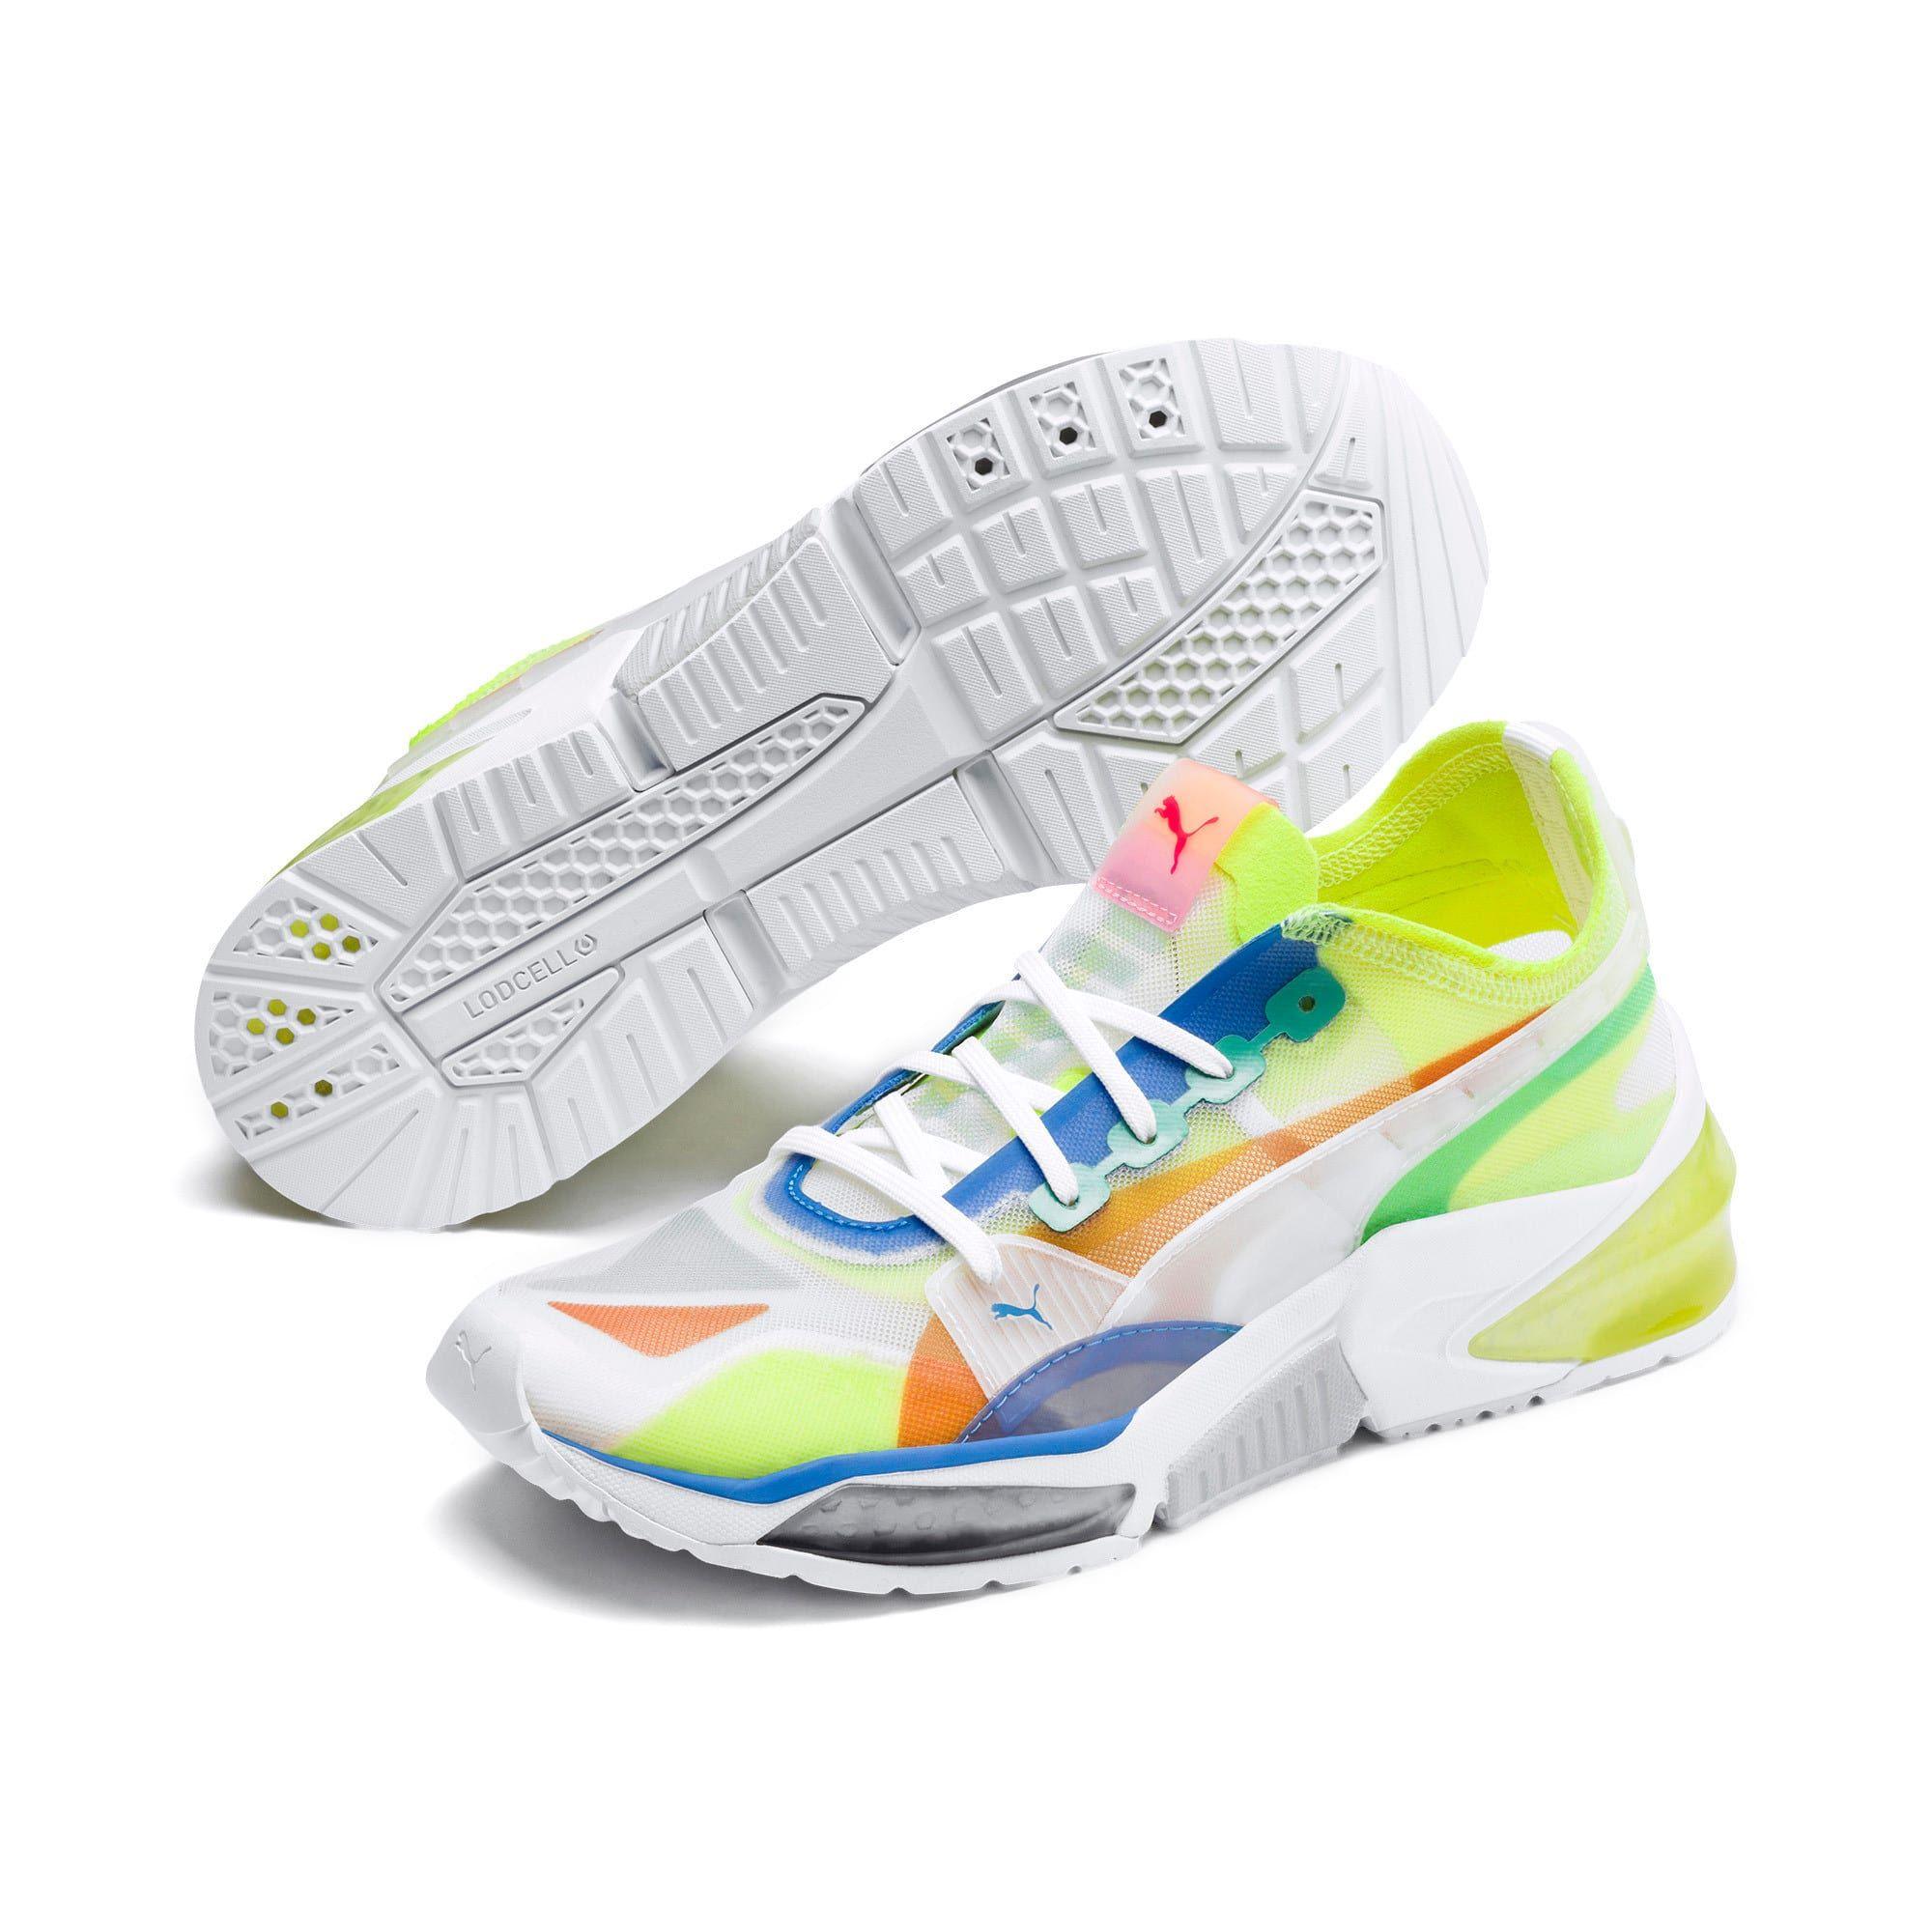 PUMA Chaussure pour l'entraînement LQDCELL Optic Sheer pour